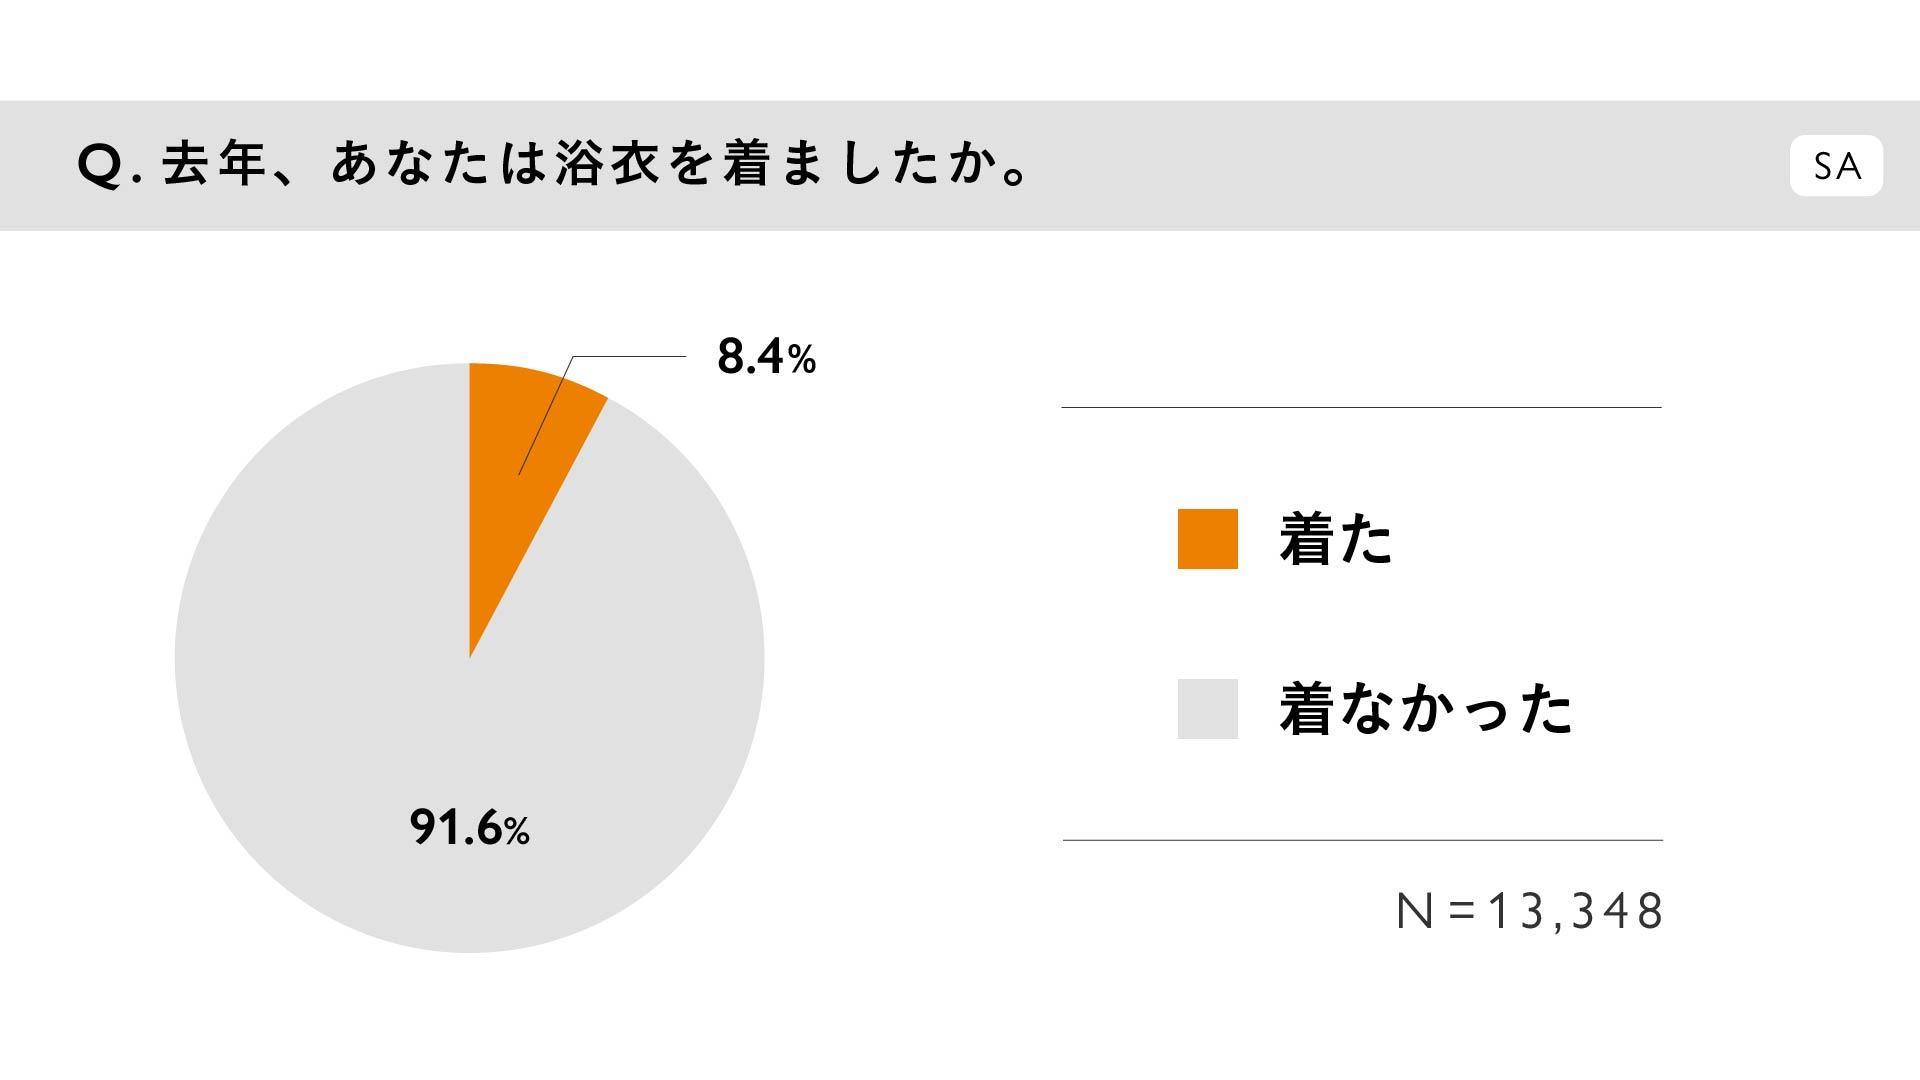 質問:去年、あなたは浴衣を着ましたか。(SA) / 回答:「着た」8.4%、「着なかった」91.6%。N=13,348